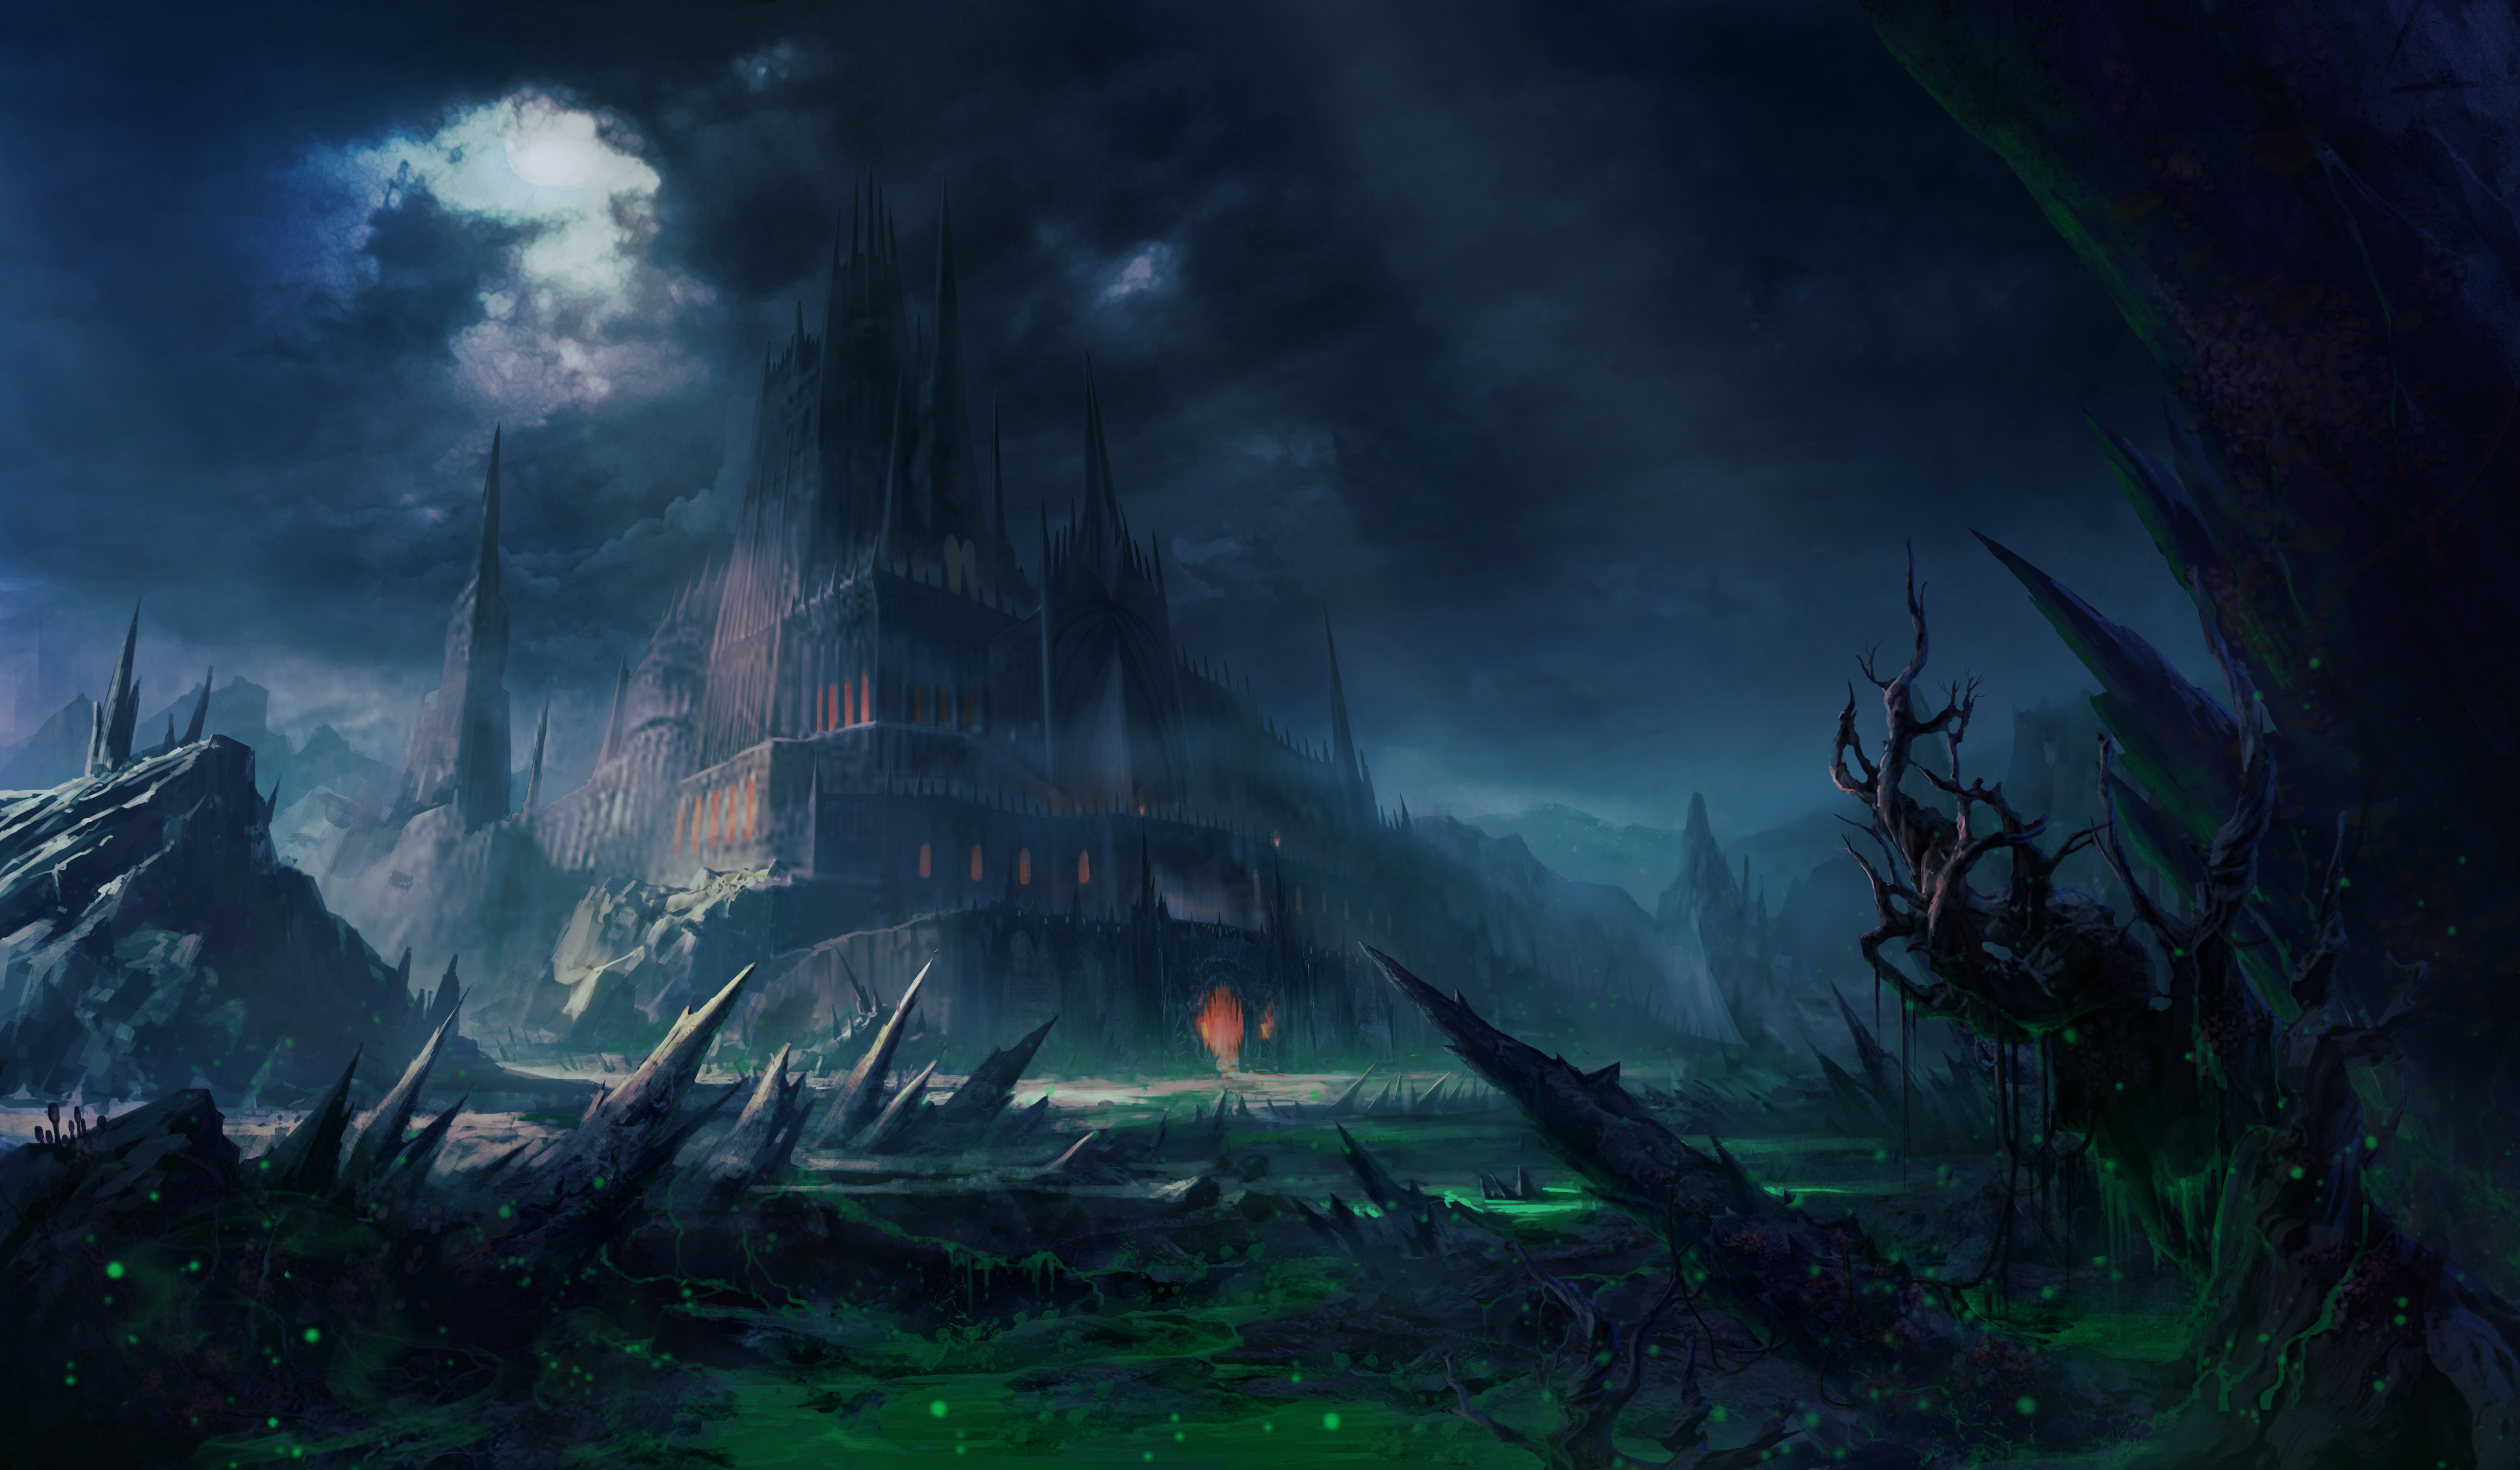 hình nền desktop chủ đề lâu đài